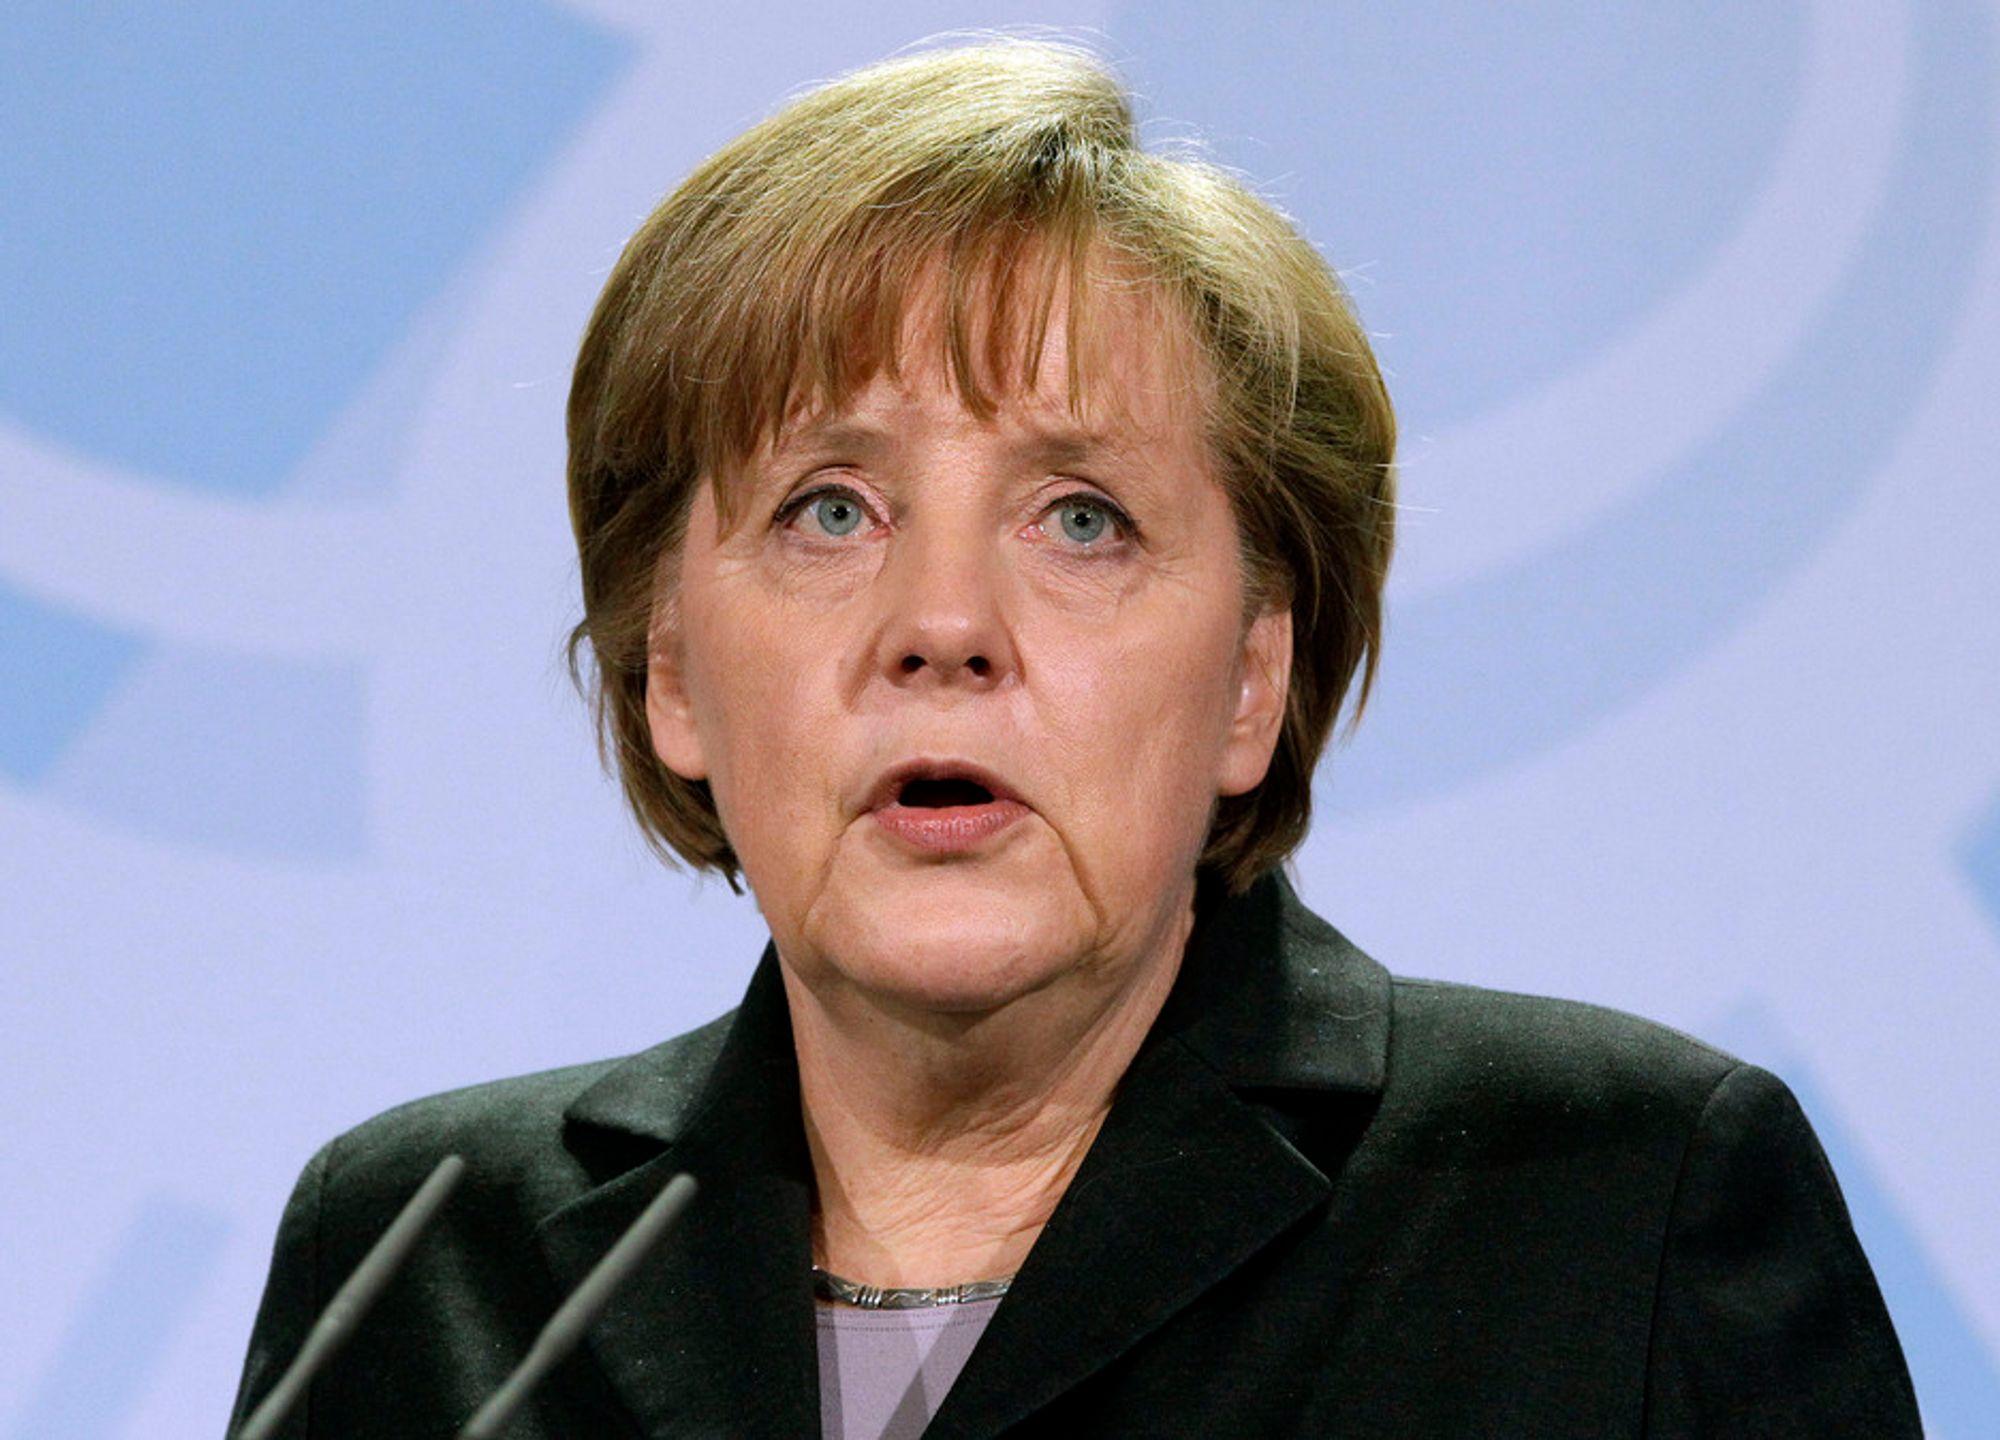 SNUR: Tysklands statsminister Angela Merkel har bestemt seg for endre tysk atomkraftpolitikk som følge av hendelsene i Japan, ifølge regjeringskilder.